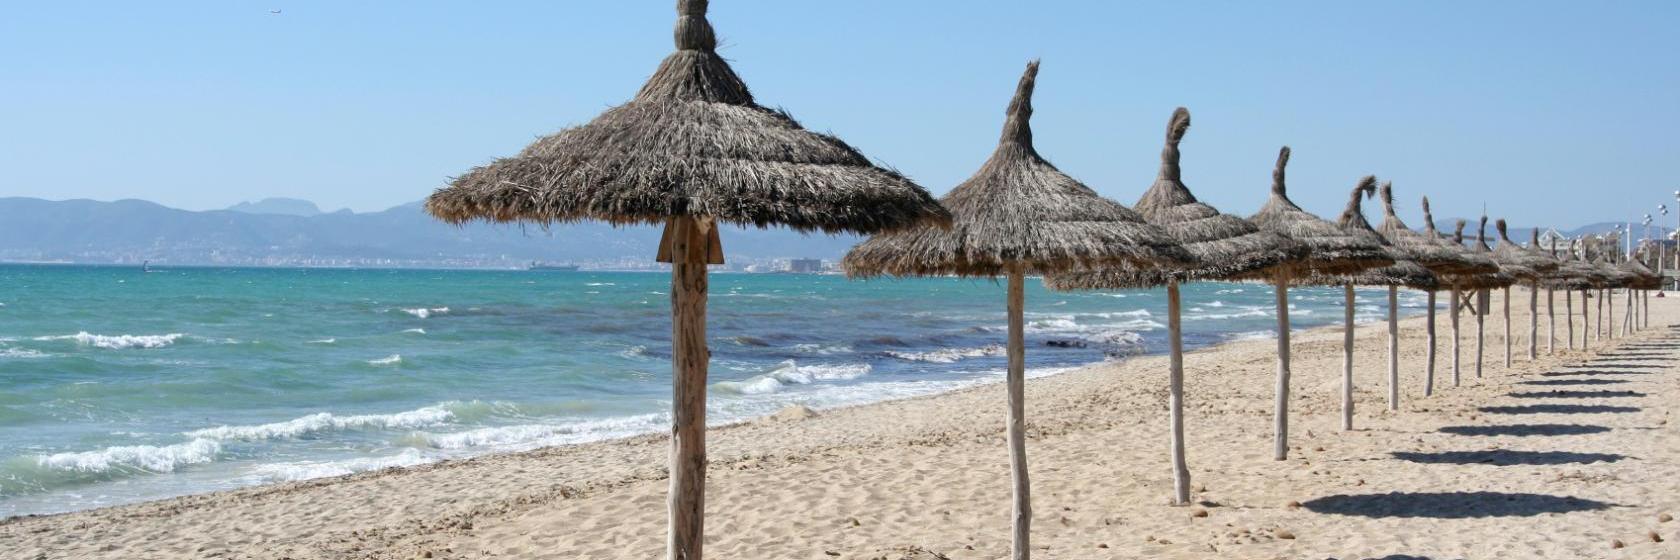 Los 10 mejores hoteles de Islantilla, España (precios desde ...